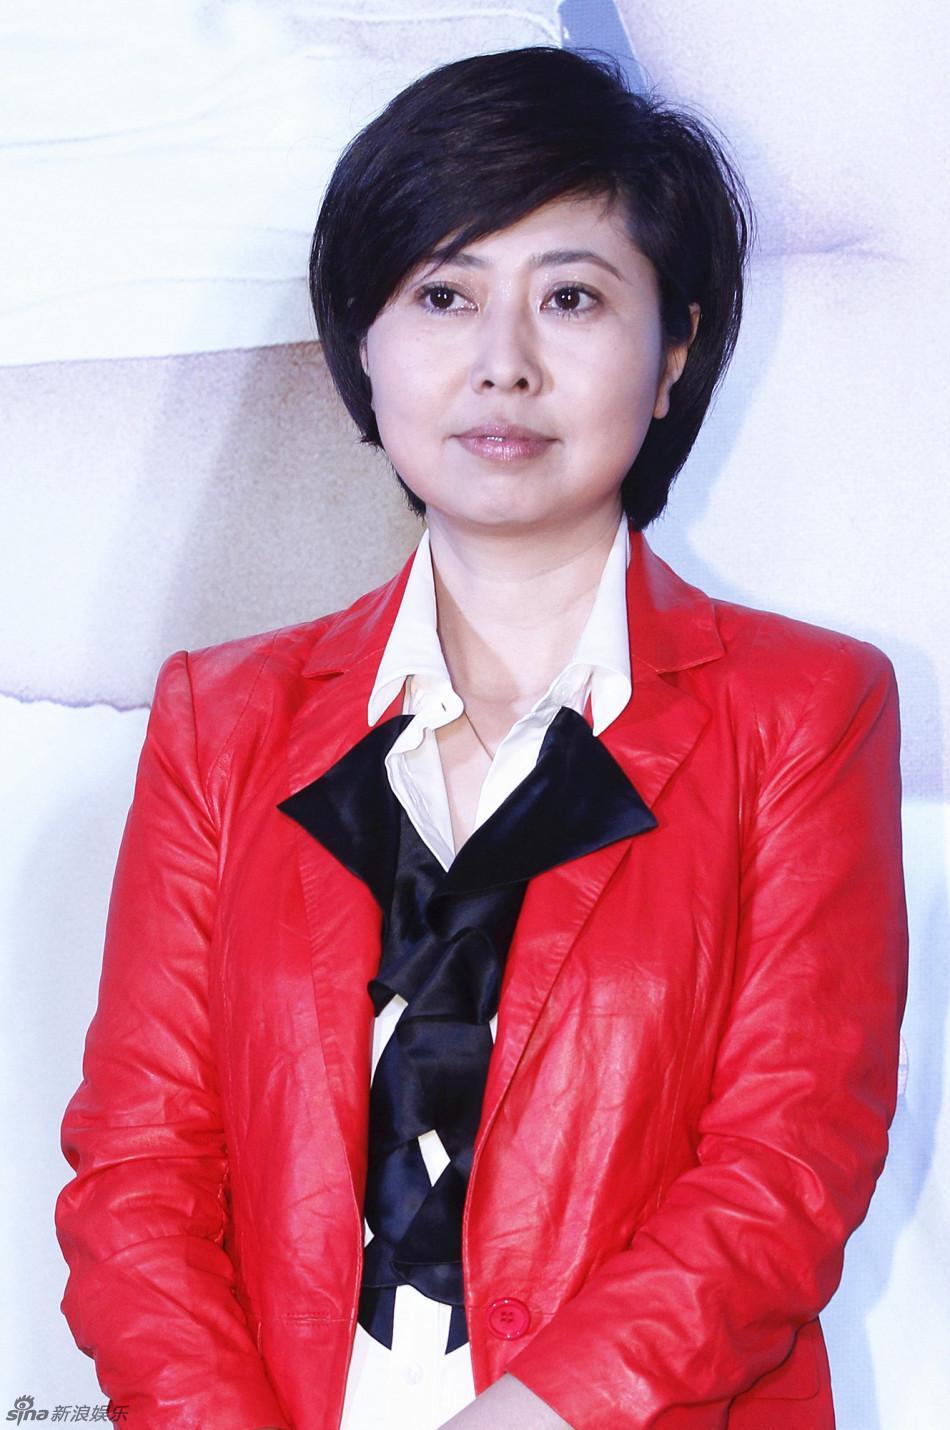 http://www.sinaimg.cn/dy/slidenews/4_img/2013_11/704_913230_109821.jpg